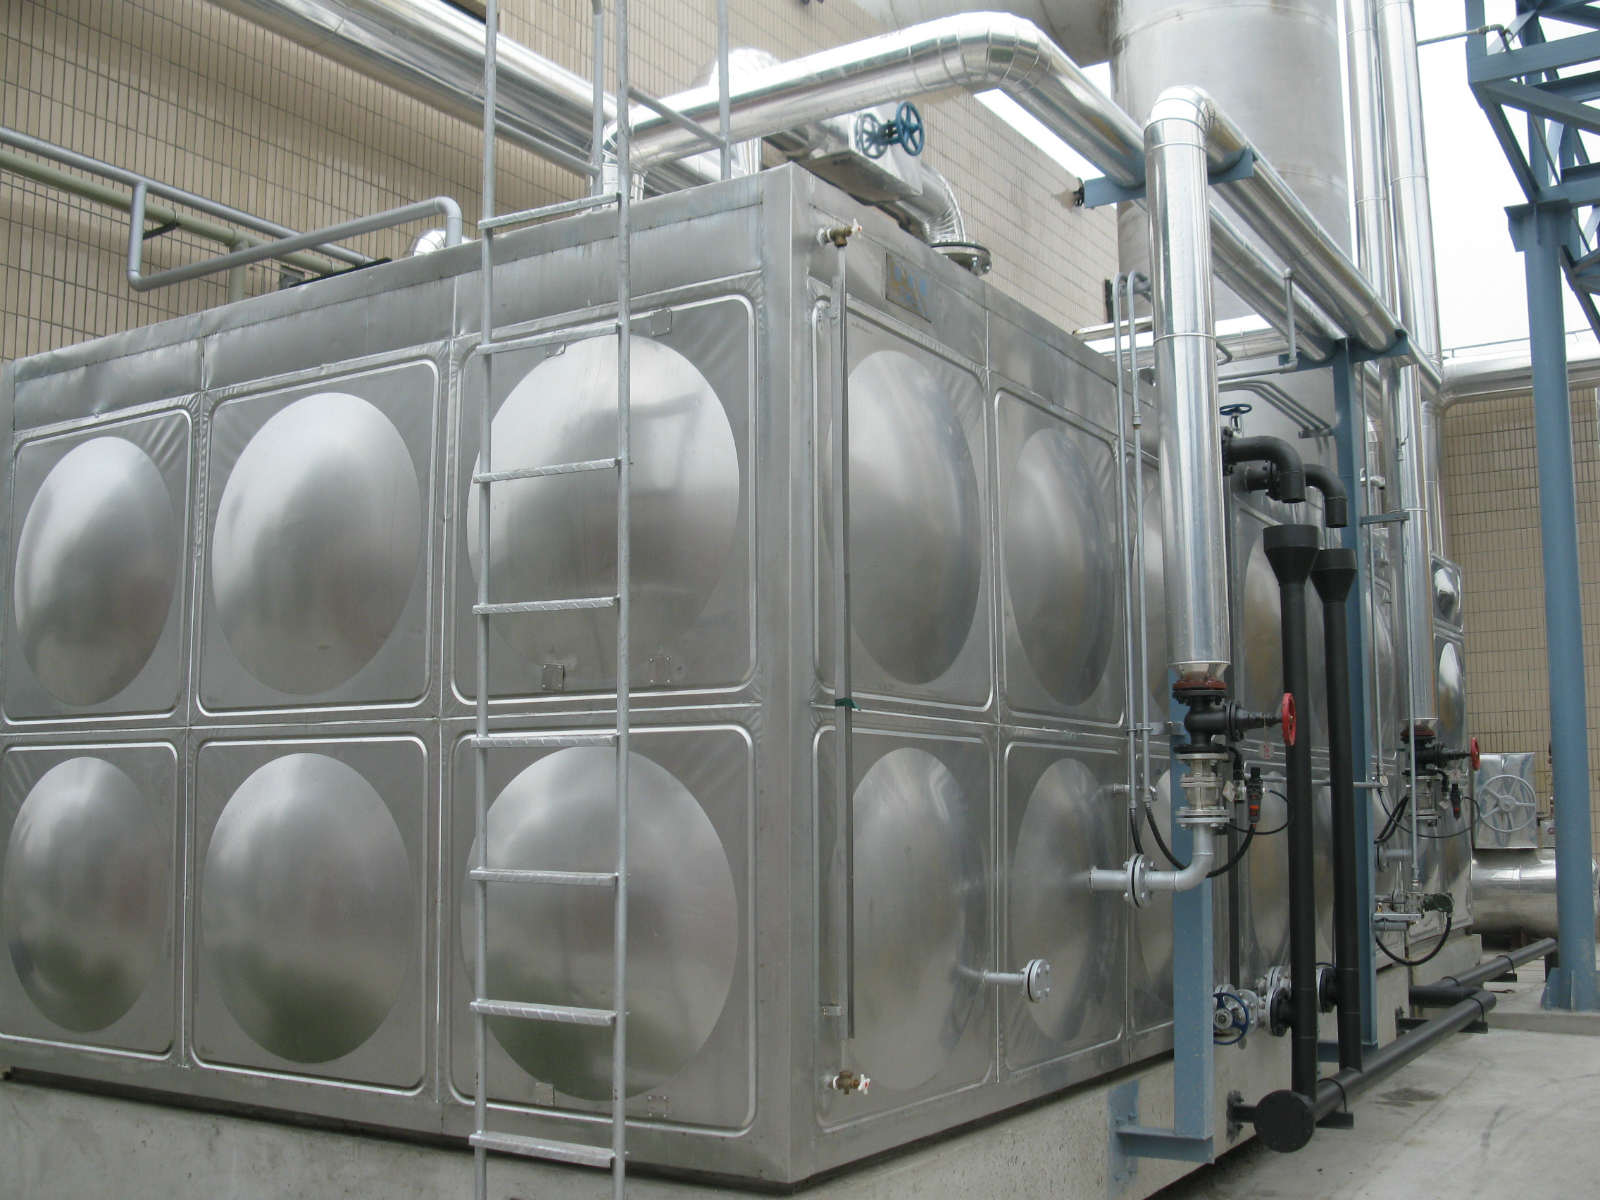 上海消防水箱精益求精,铸造品质的典范